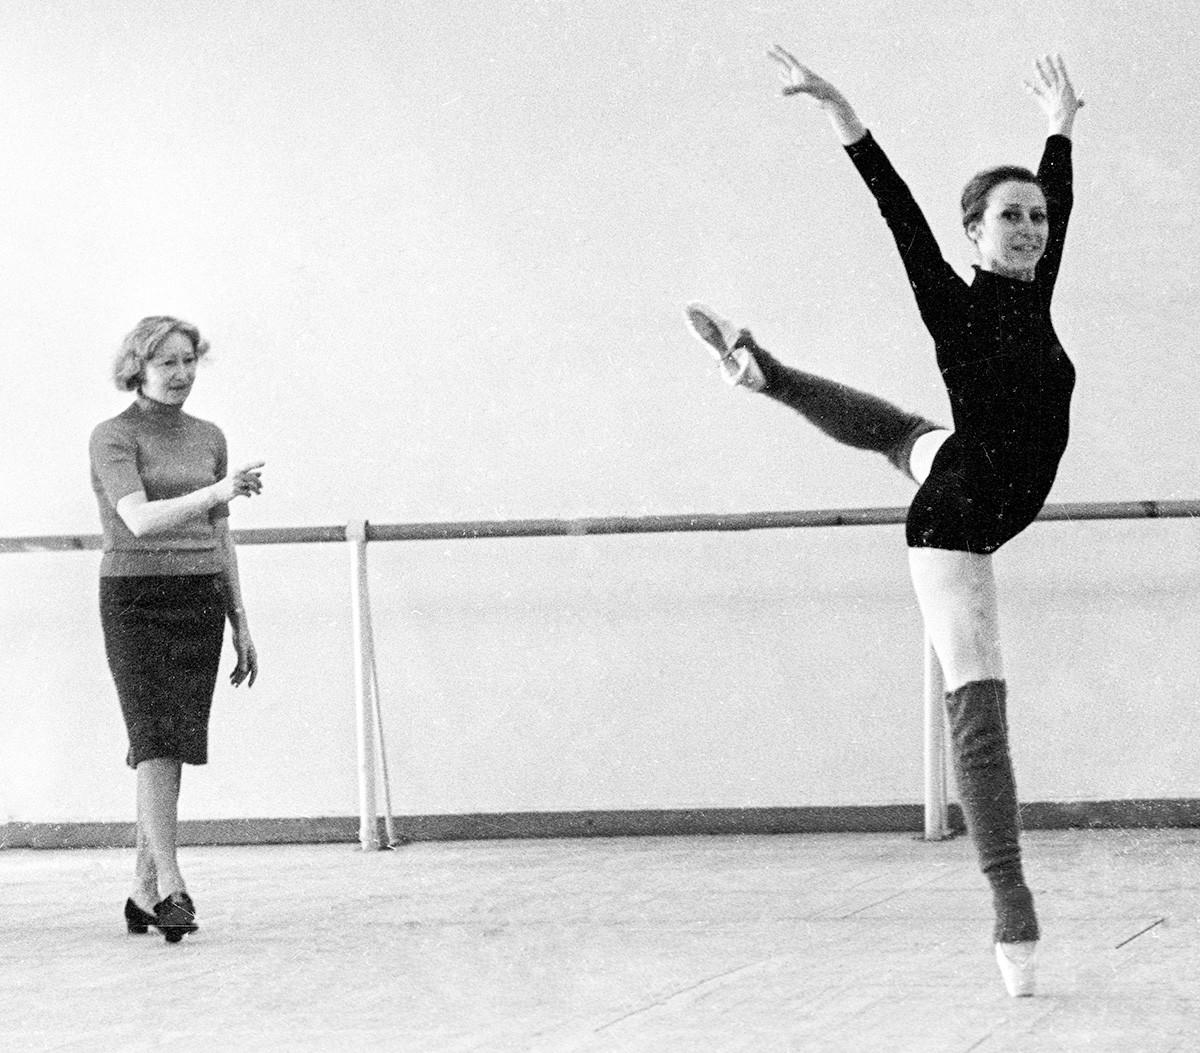 L'insegnante di coreografia Galina Ulanova (a sinistra) e la ballerina Maja Plisetskaja (a destra) durante le prove, 1969